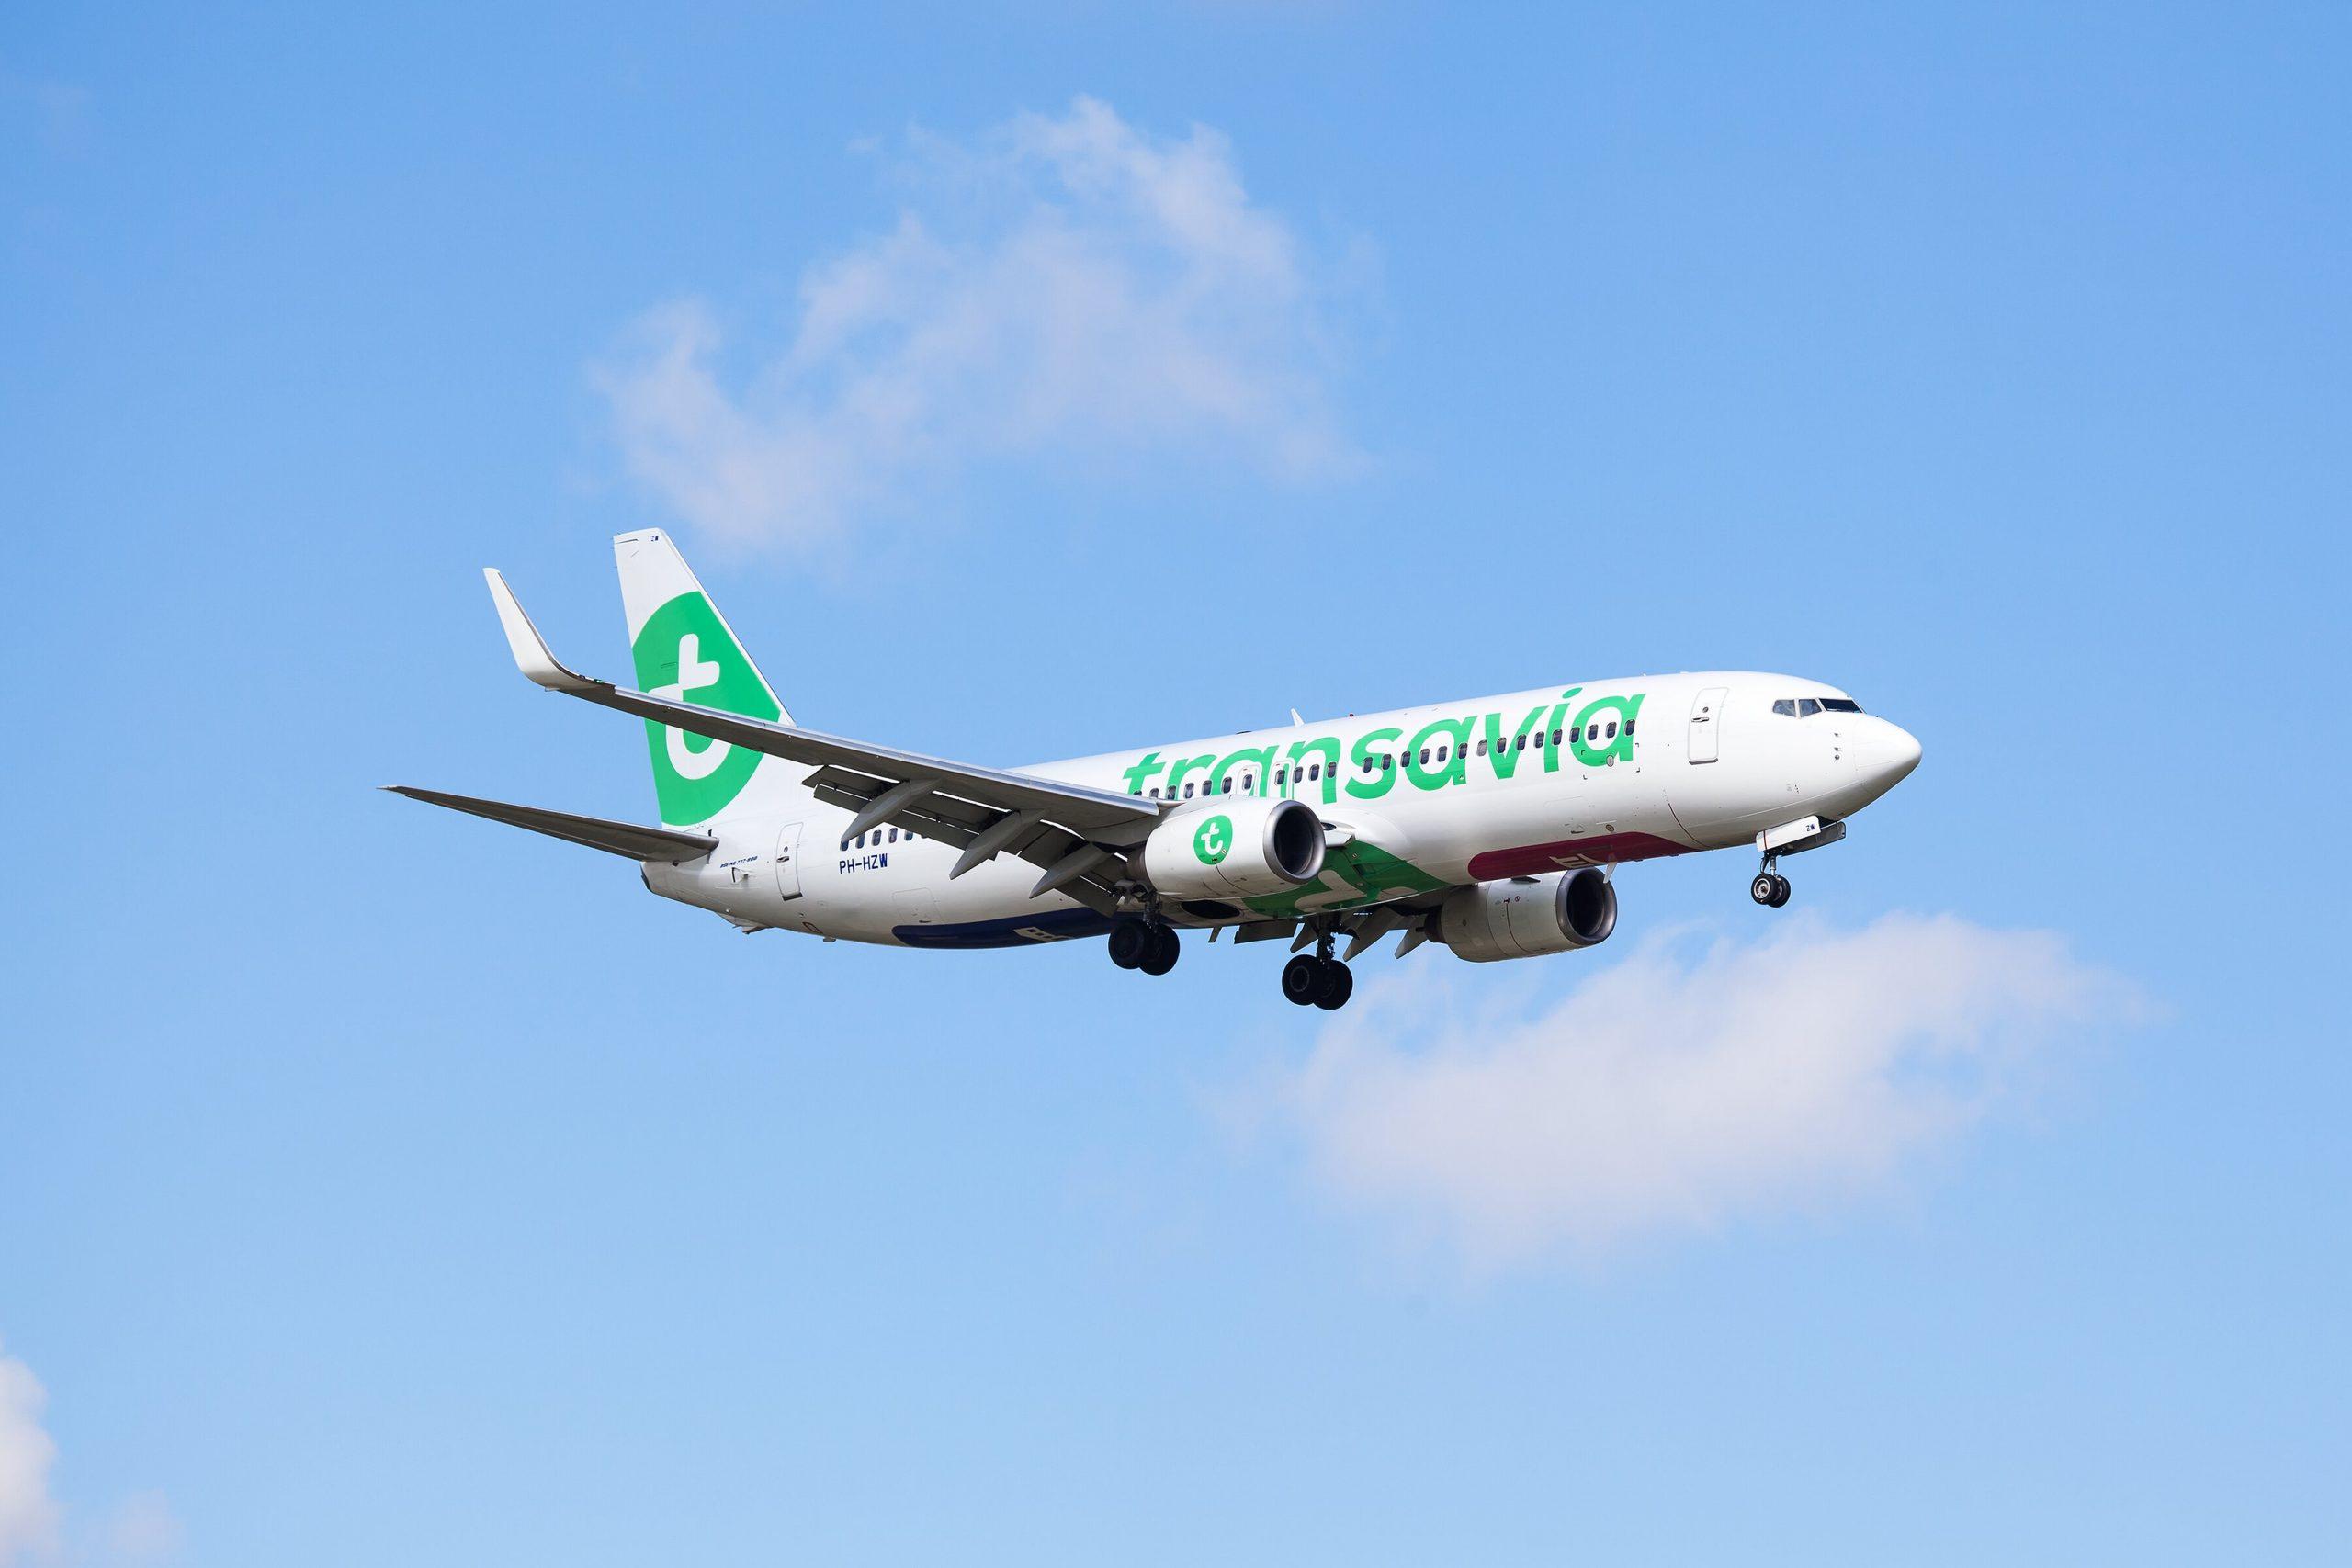 La aerolínea lanzará servicios entre Ibiza-Lyon, Alicante-Lyon, Mahón-Lyon y Mahón-Nantes